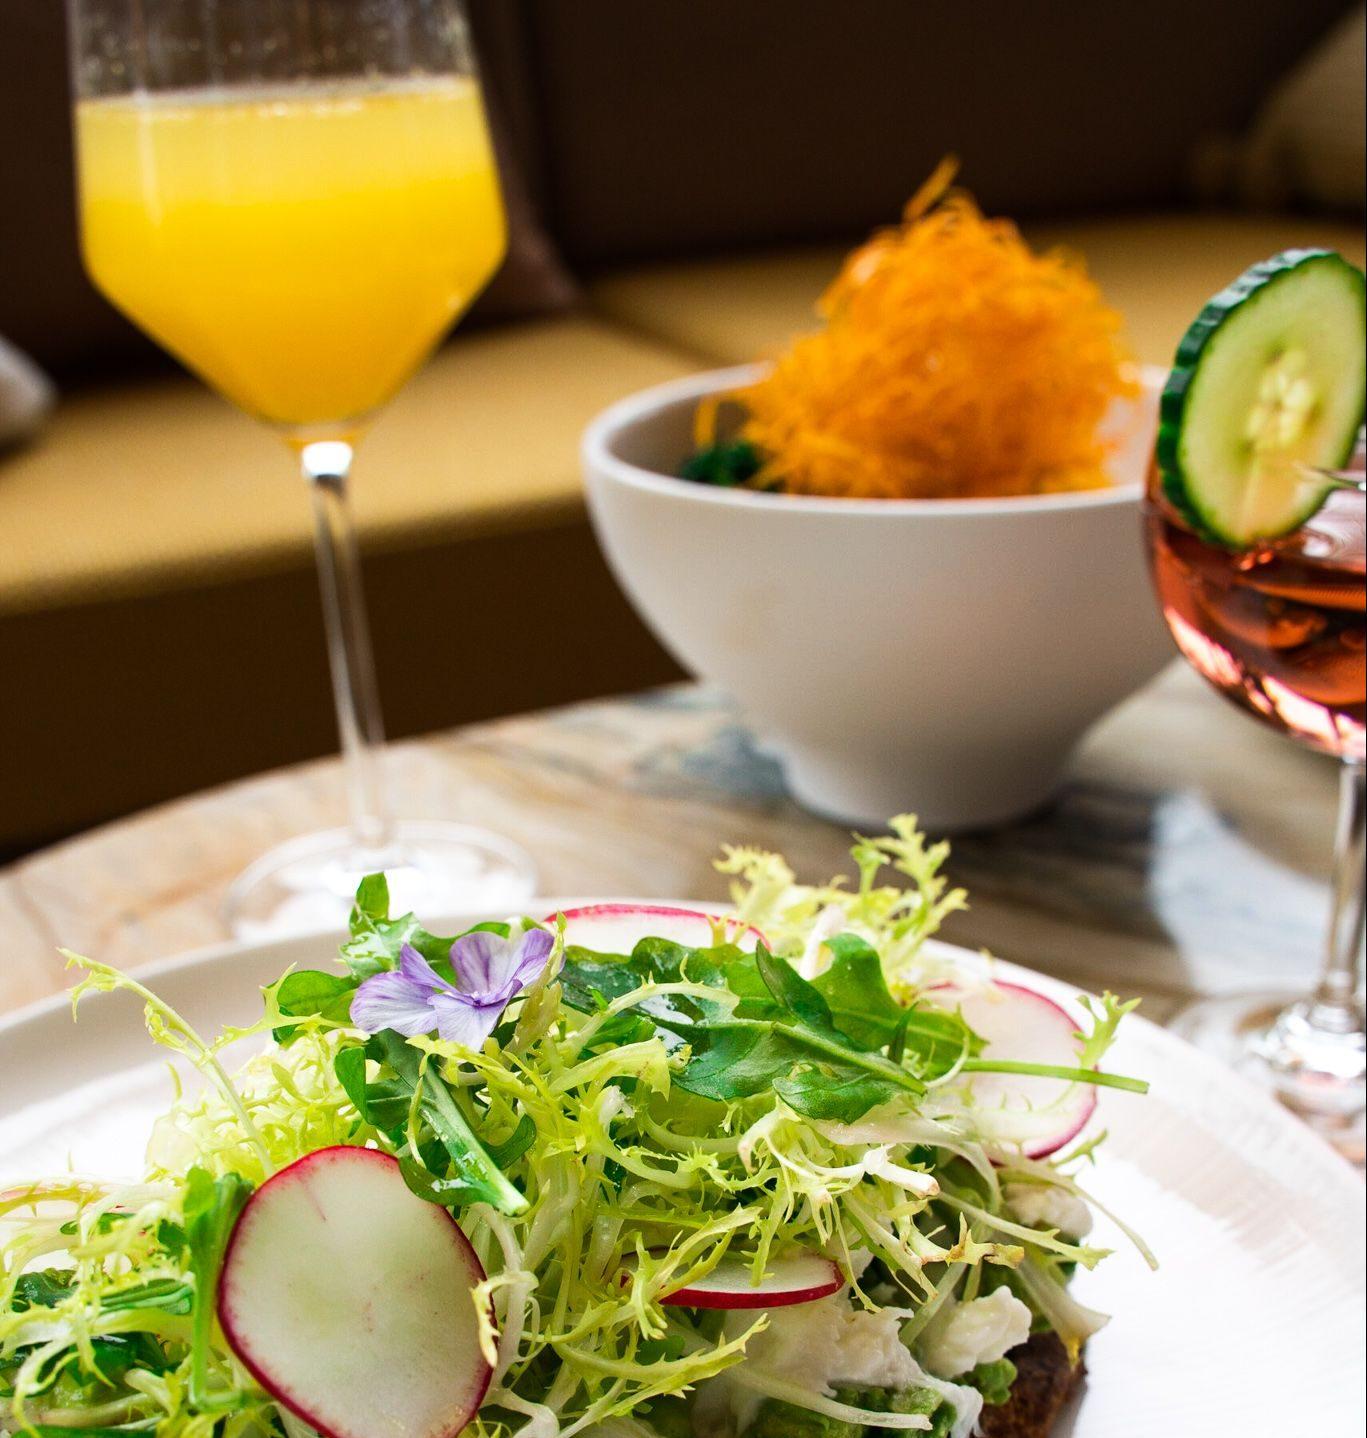 Salad and Drinks